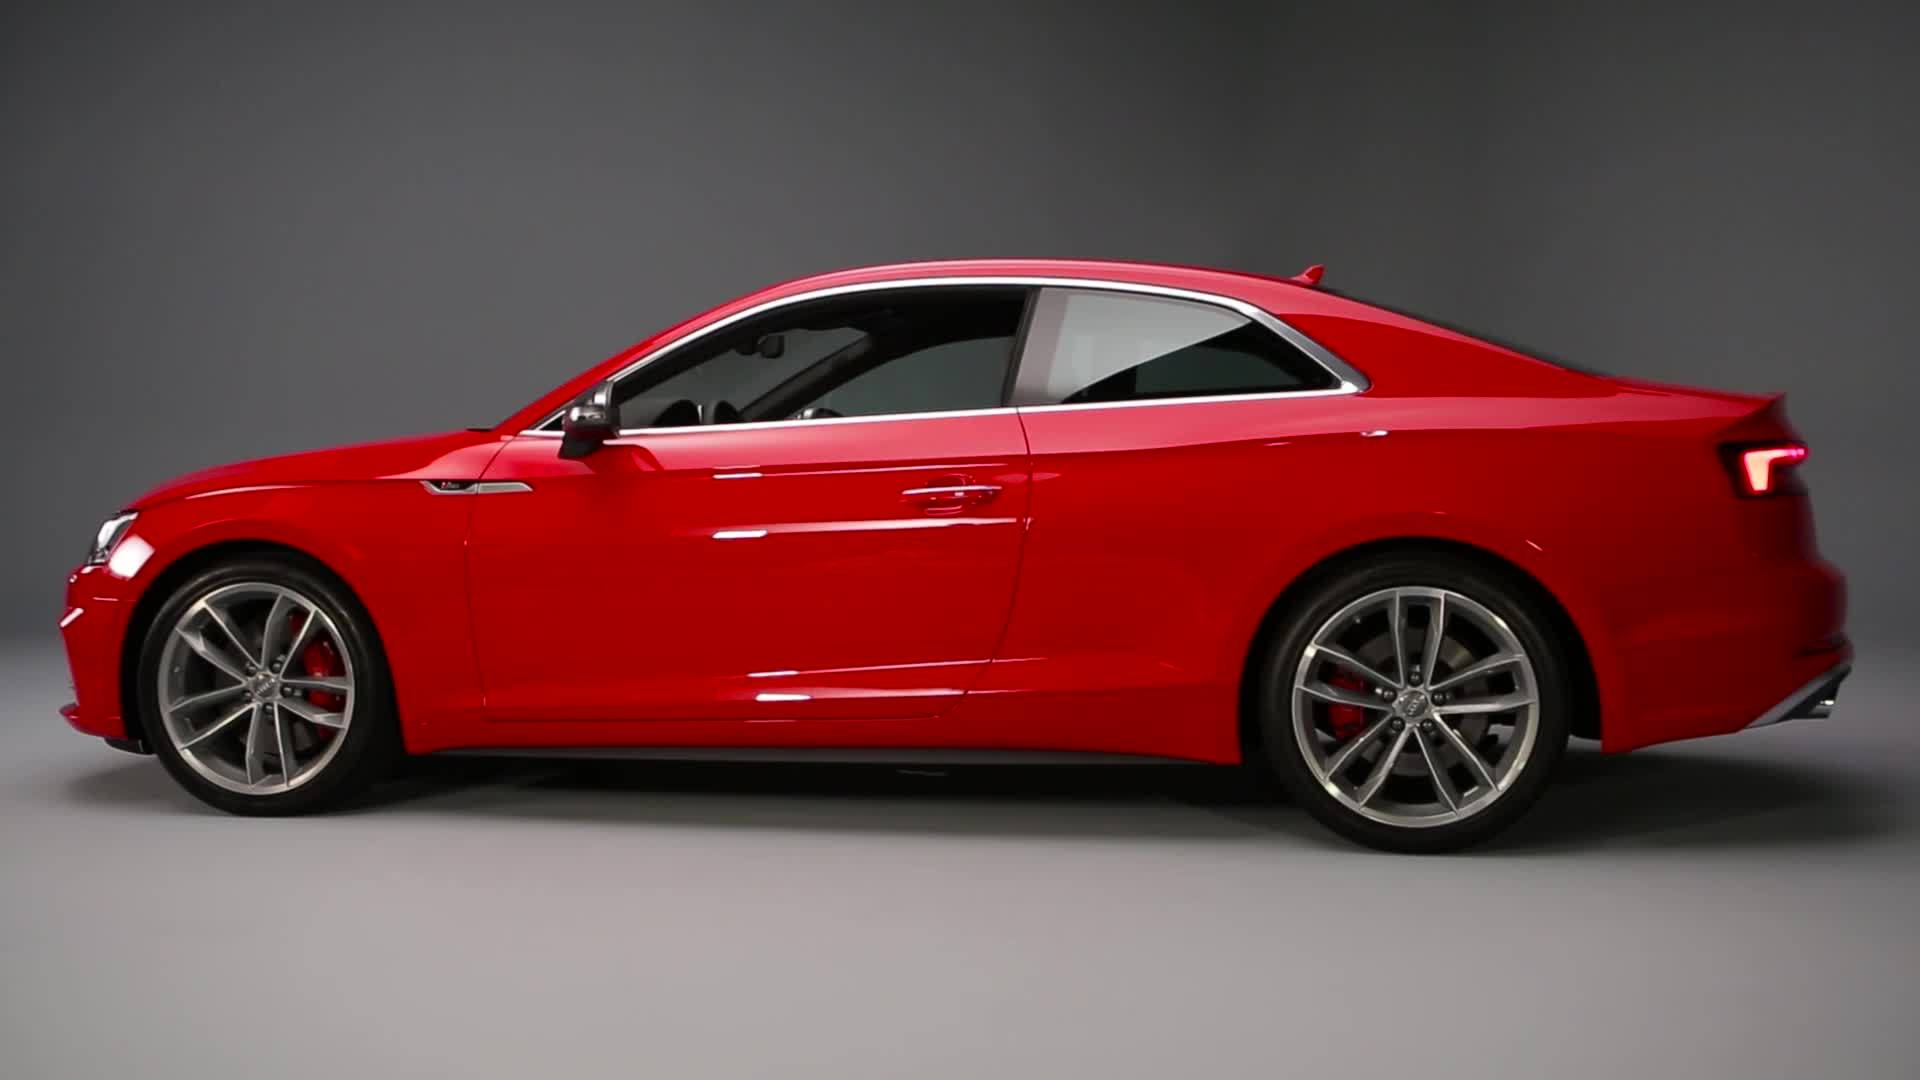 Audi A5 Coupé - Neues Designerstück aus Ingolstadt